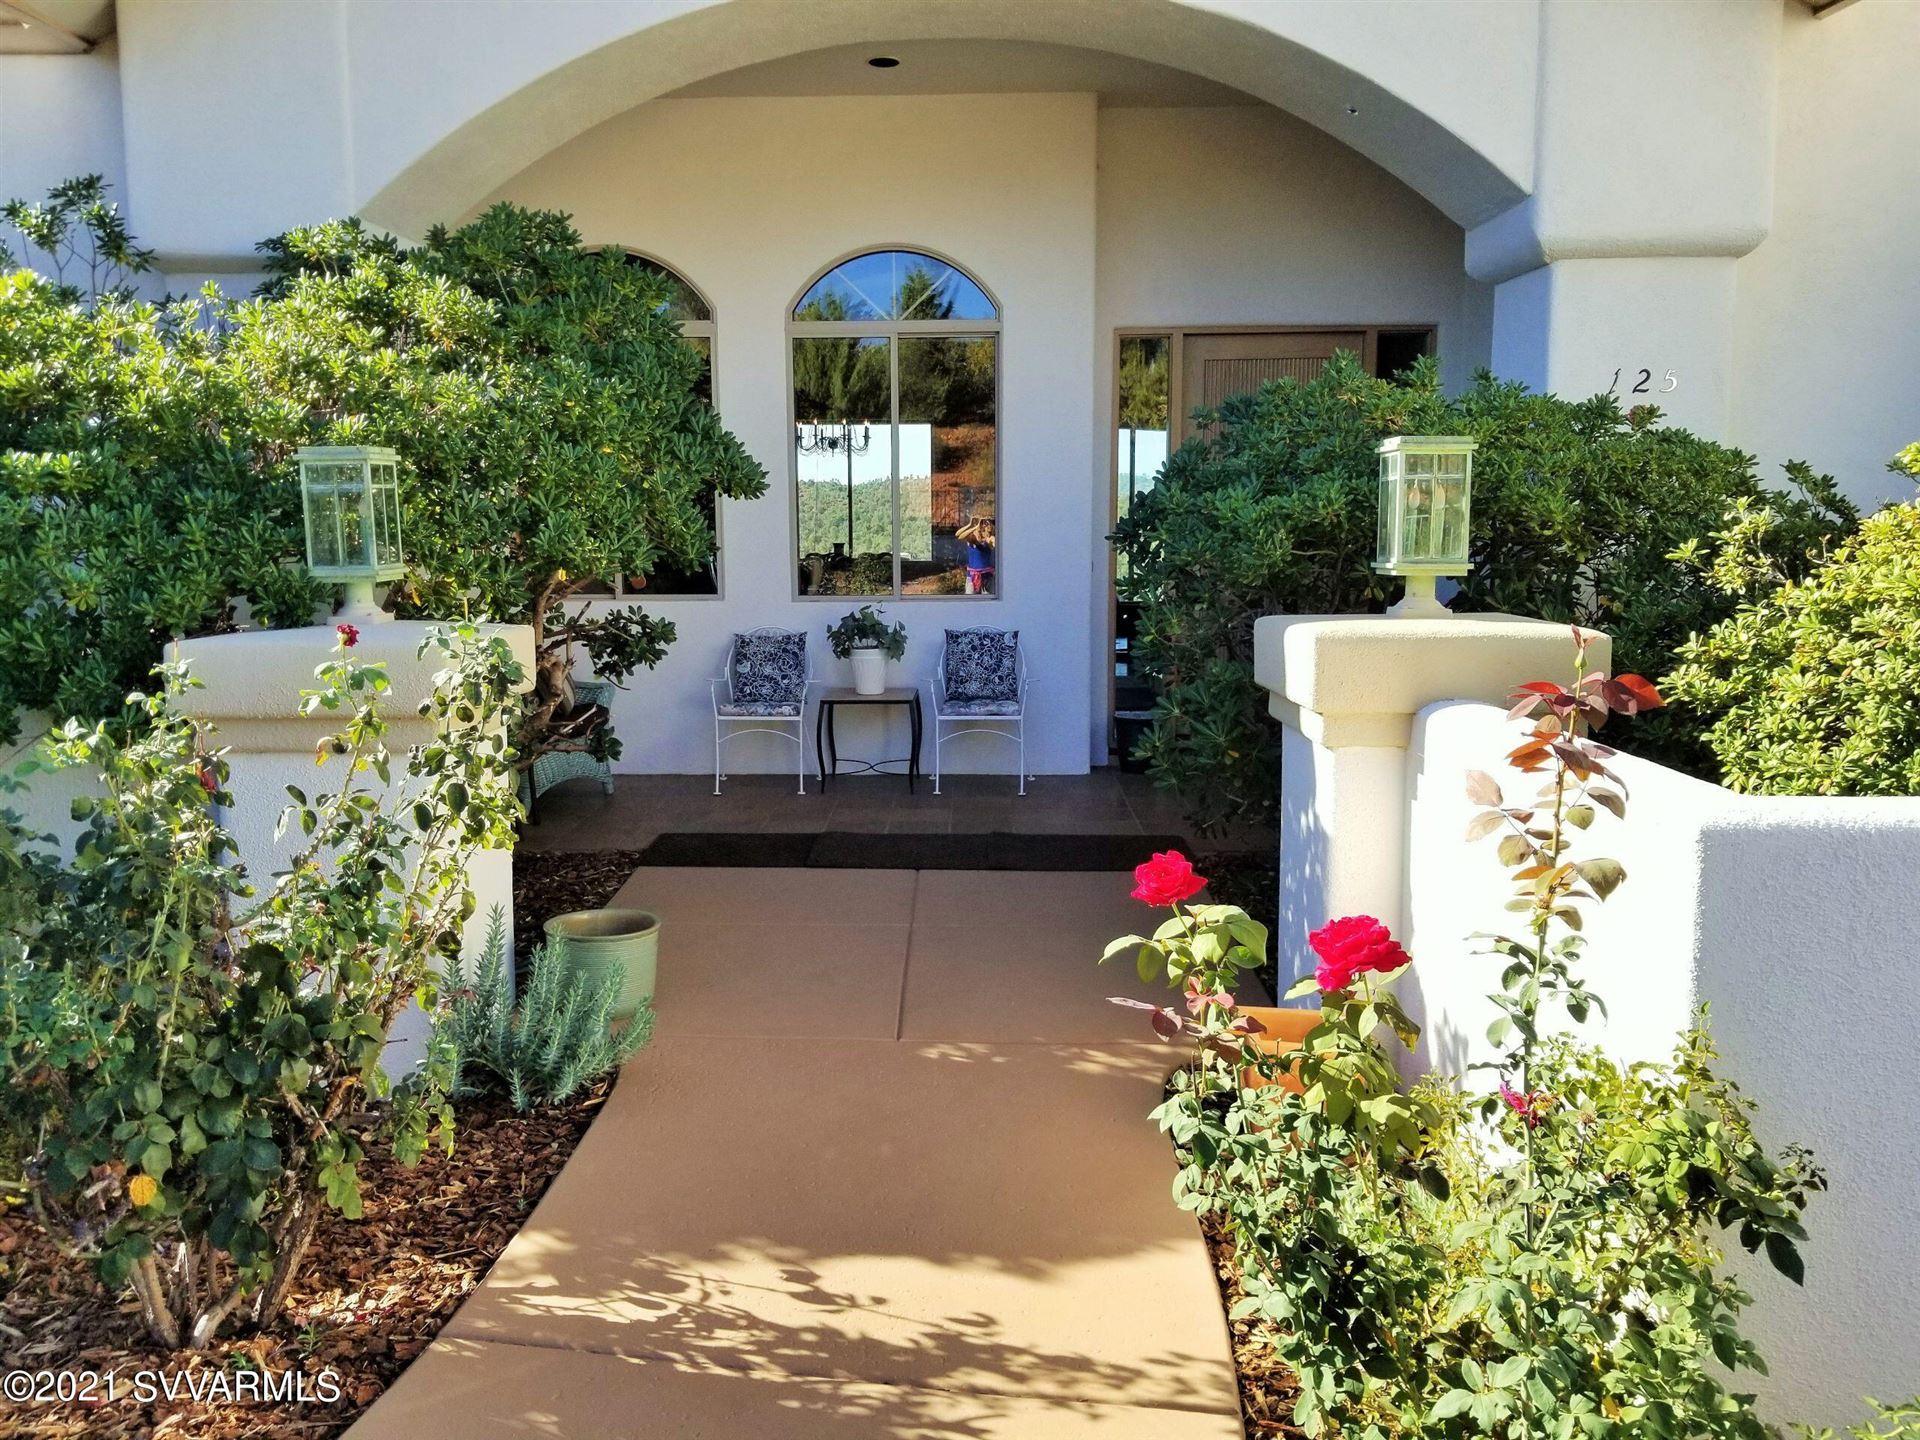 Photo of 125 Blue Jay Drive, Sedona, AZ 86336 (MLS # 527241)